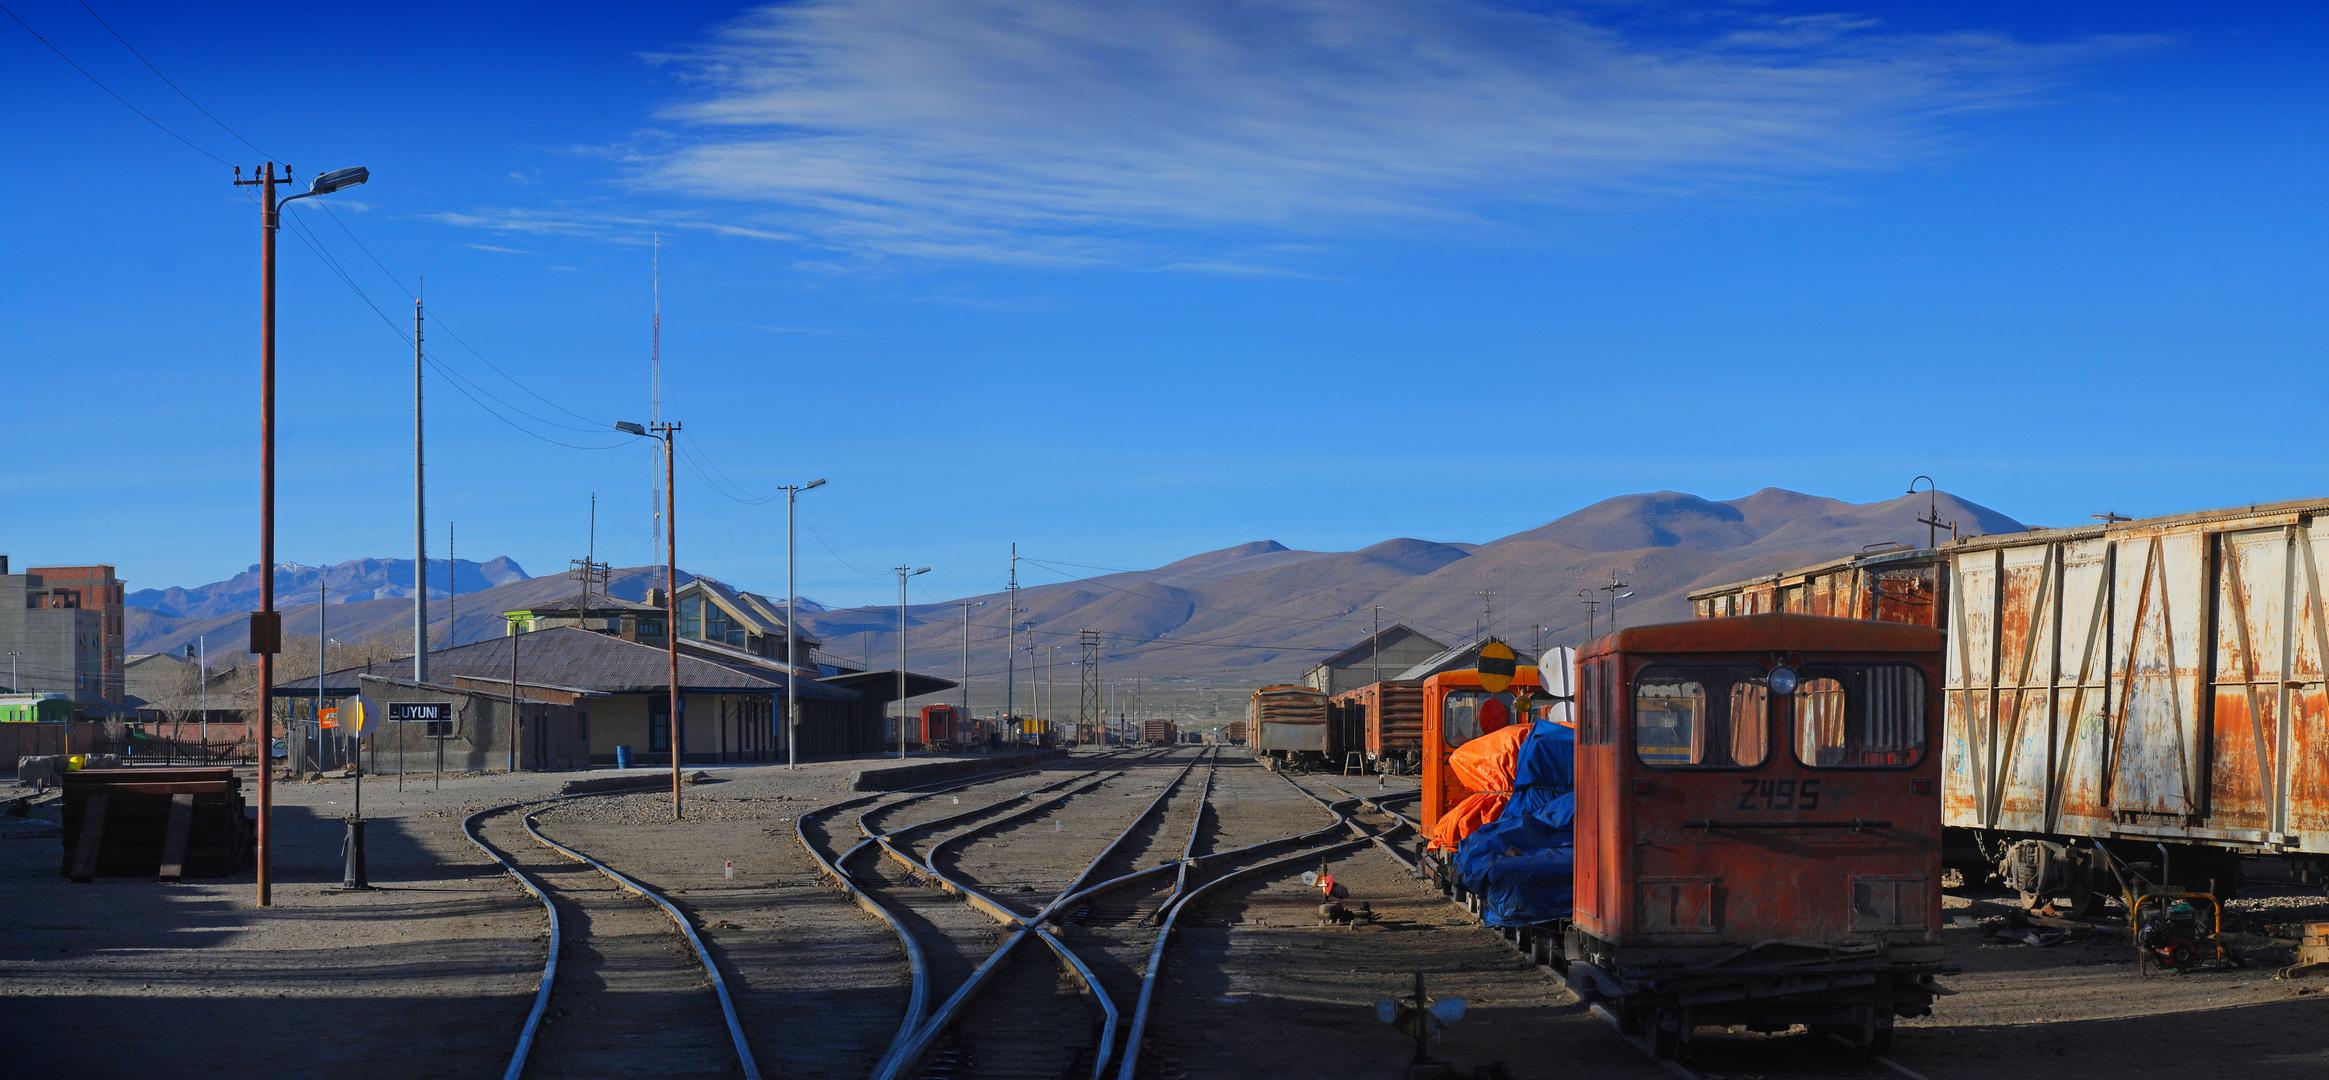 Bahnhof von Uyuni